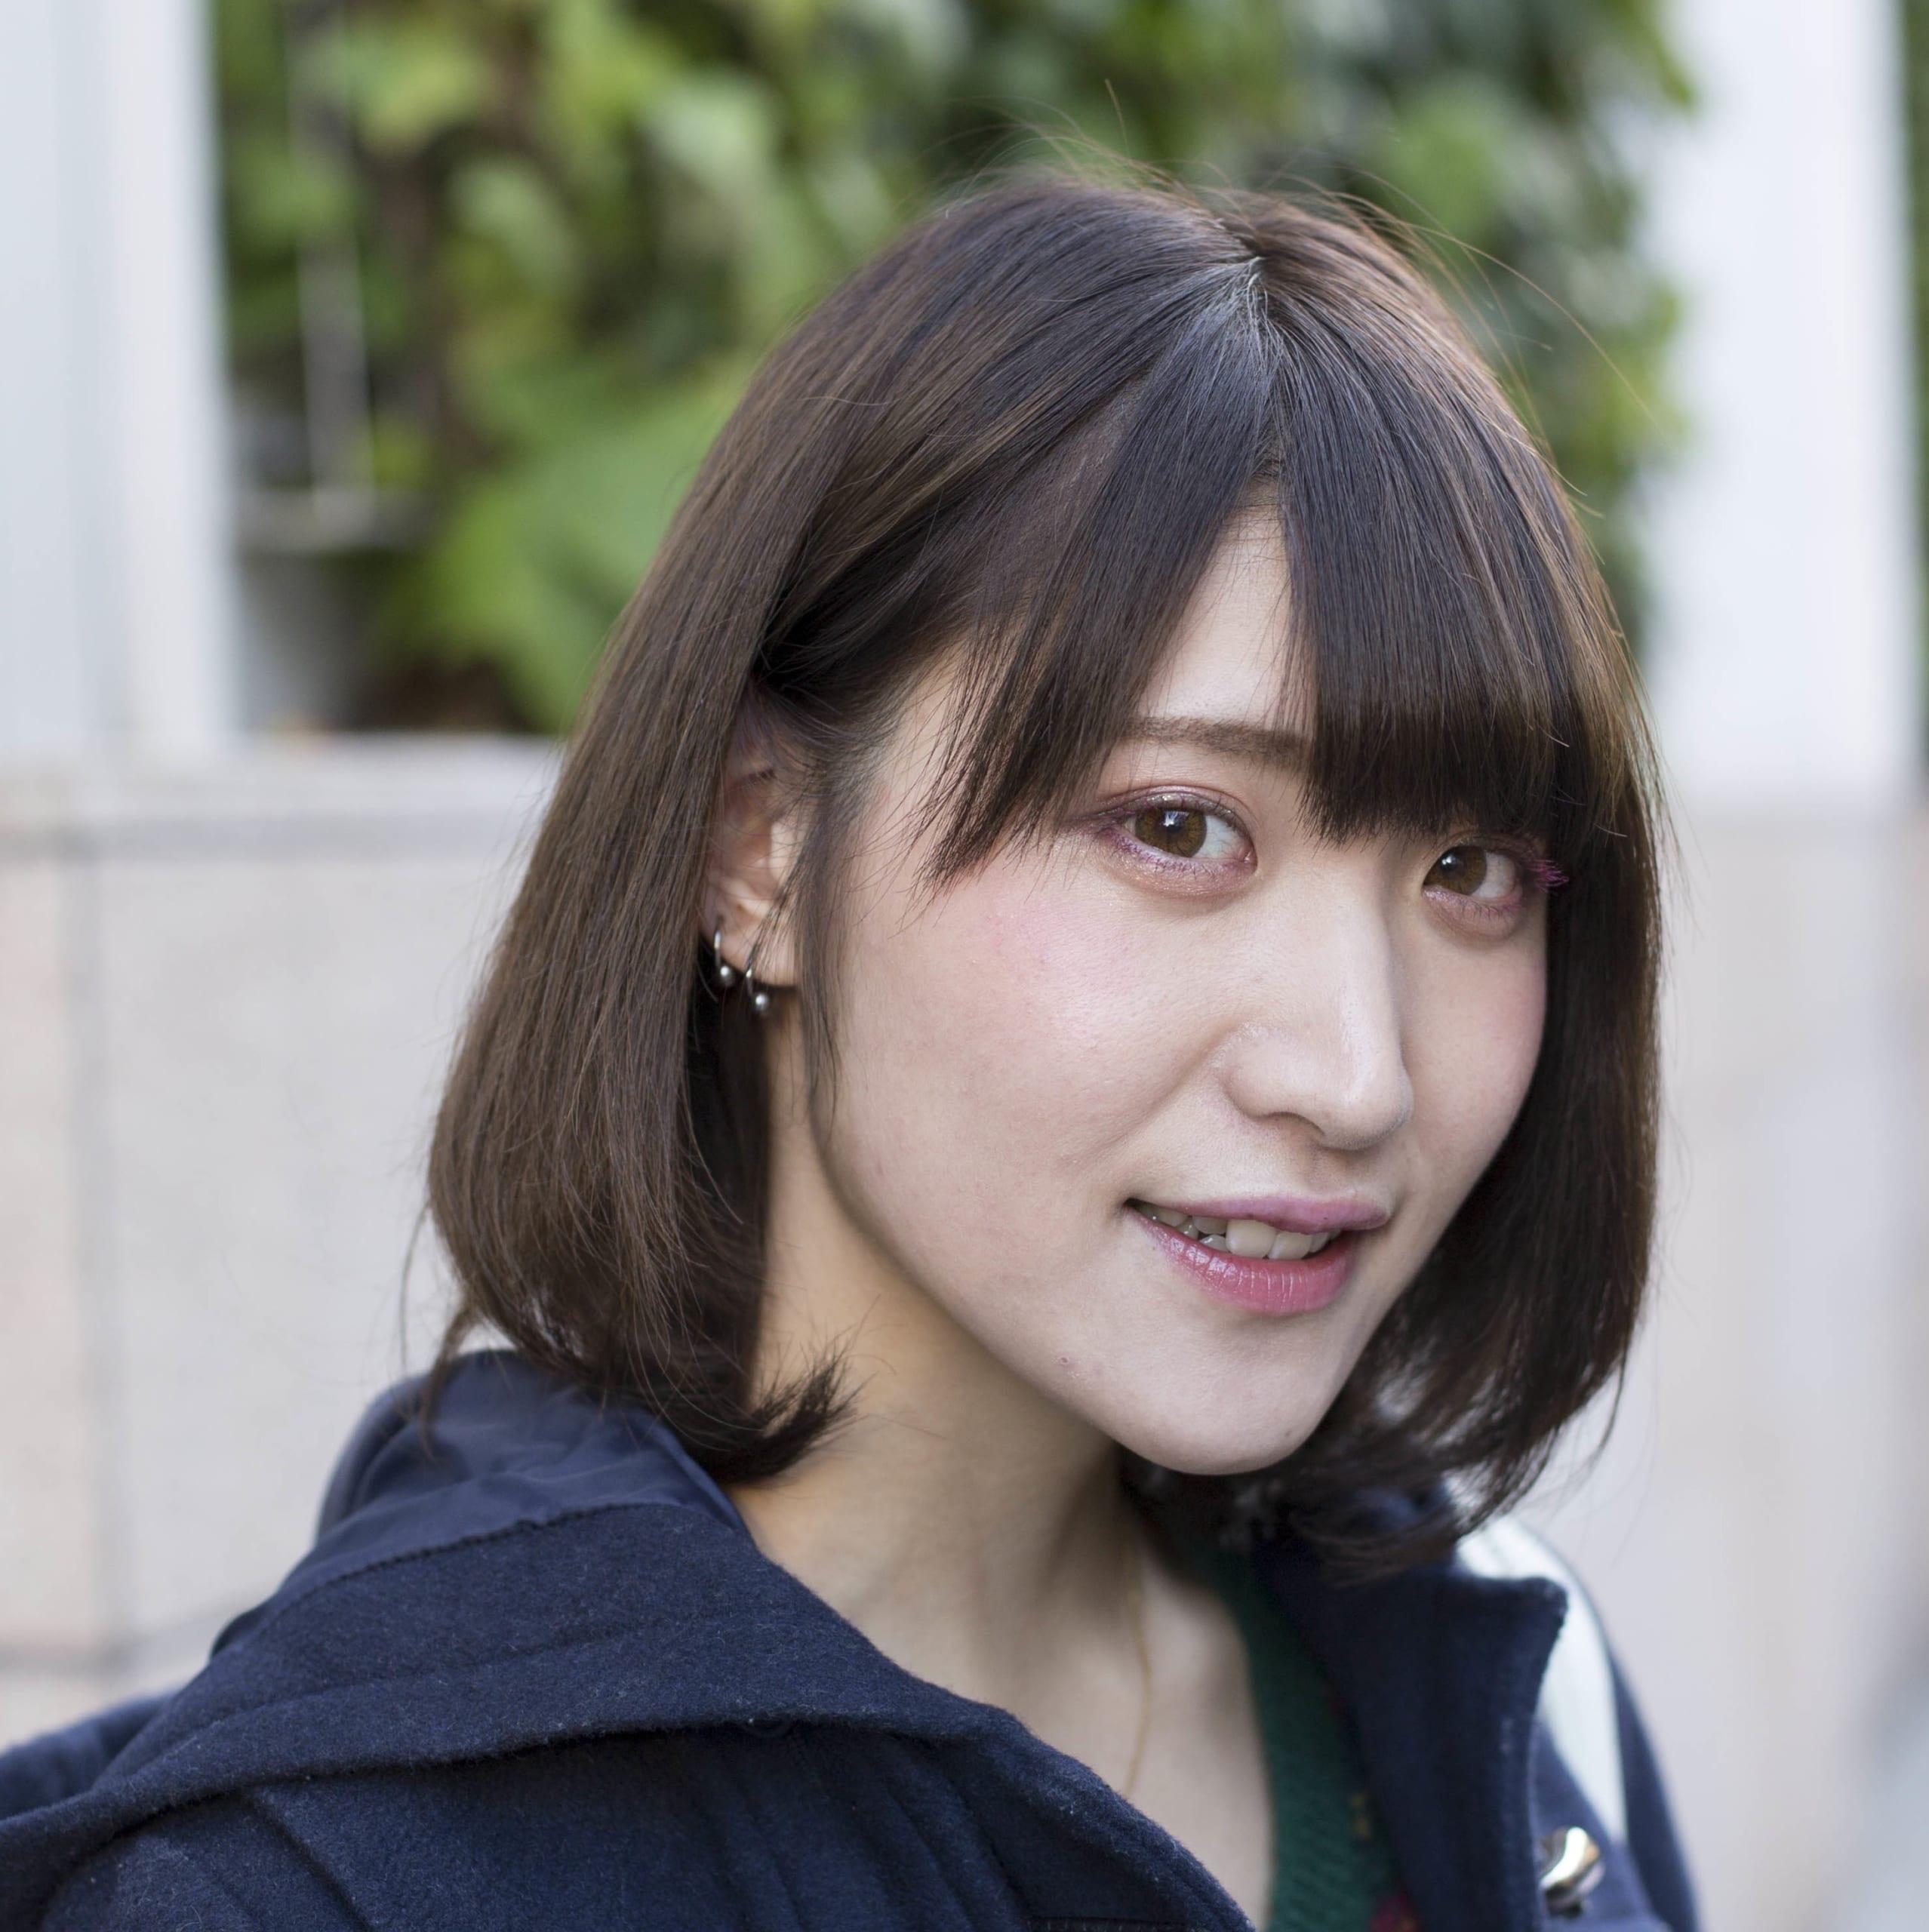 【女子SNAP】美女図鑑<br />柴田 夏さん・24歳